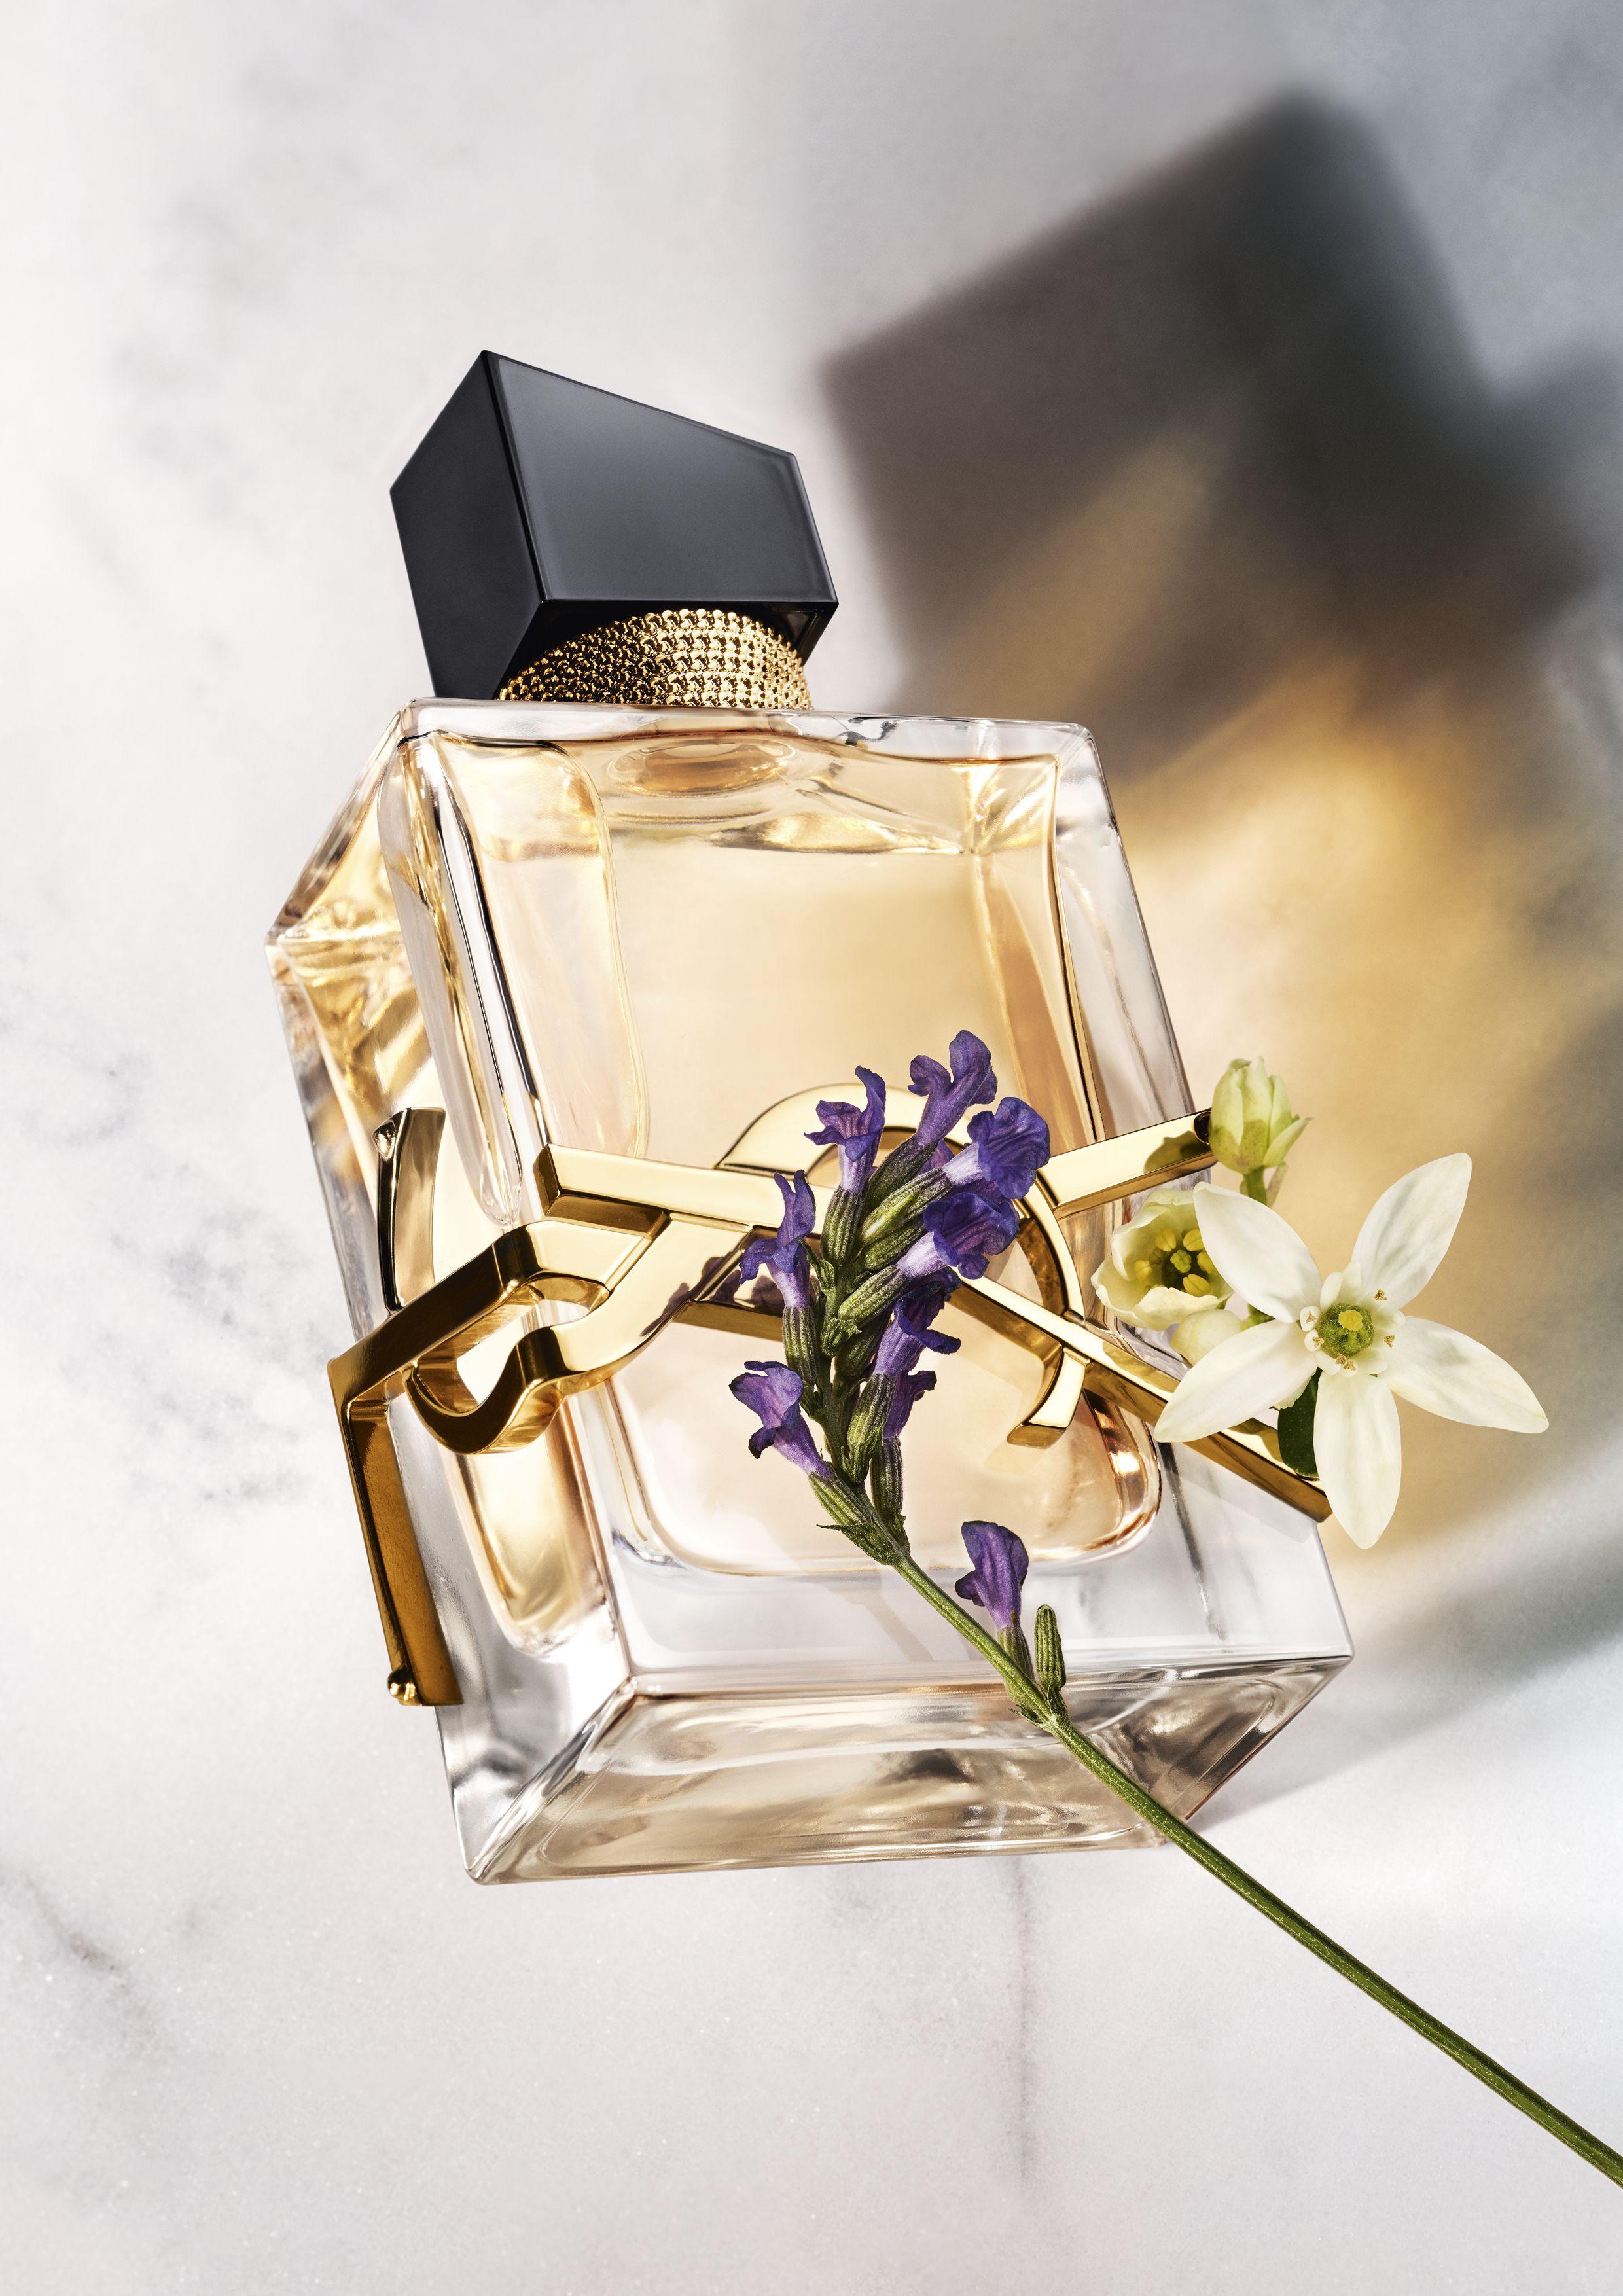 Libre eau de parfum in 2020 | Perfume, Fragrance, Best perfume